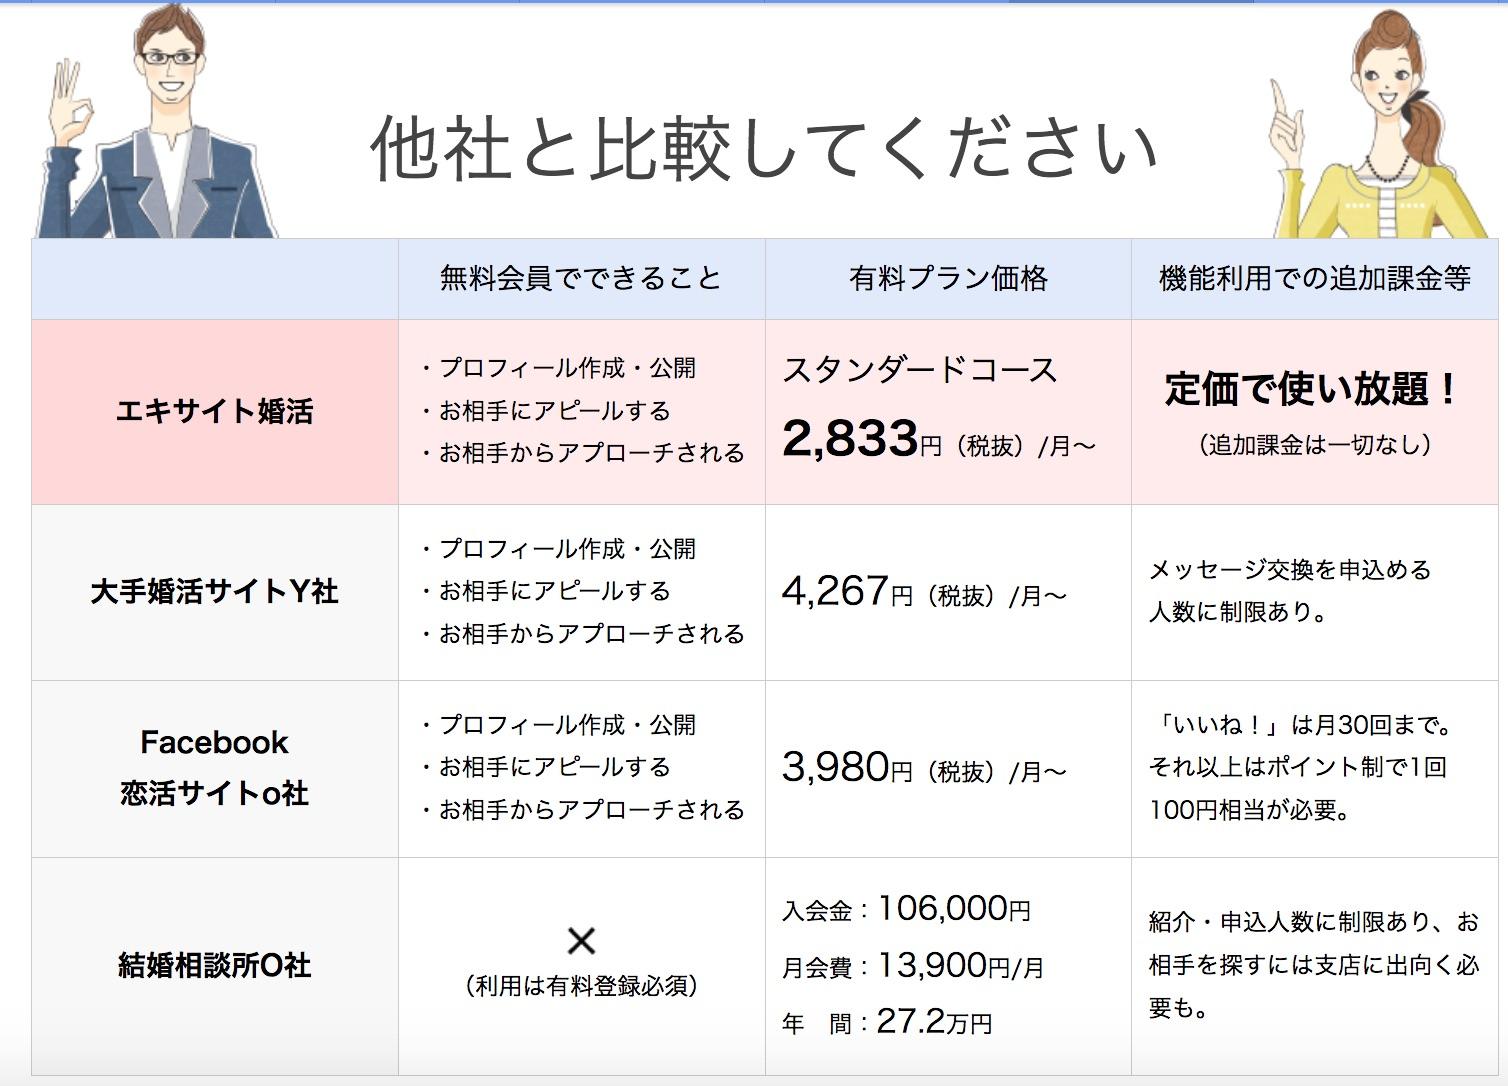 他の婚活サイトとの料金比較表